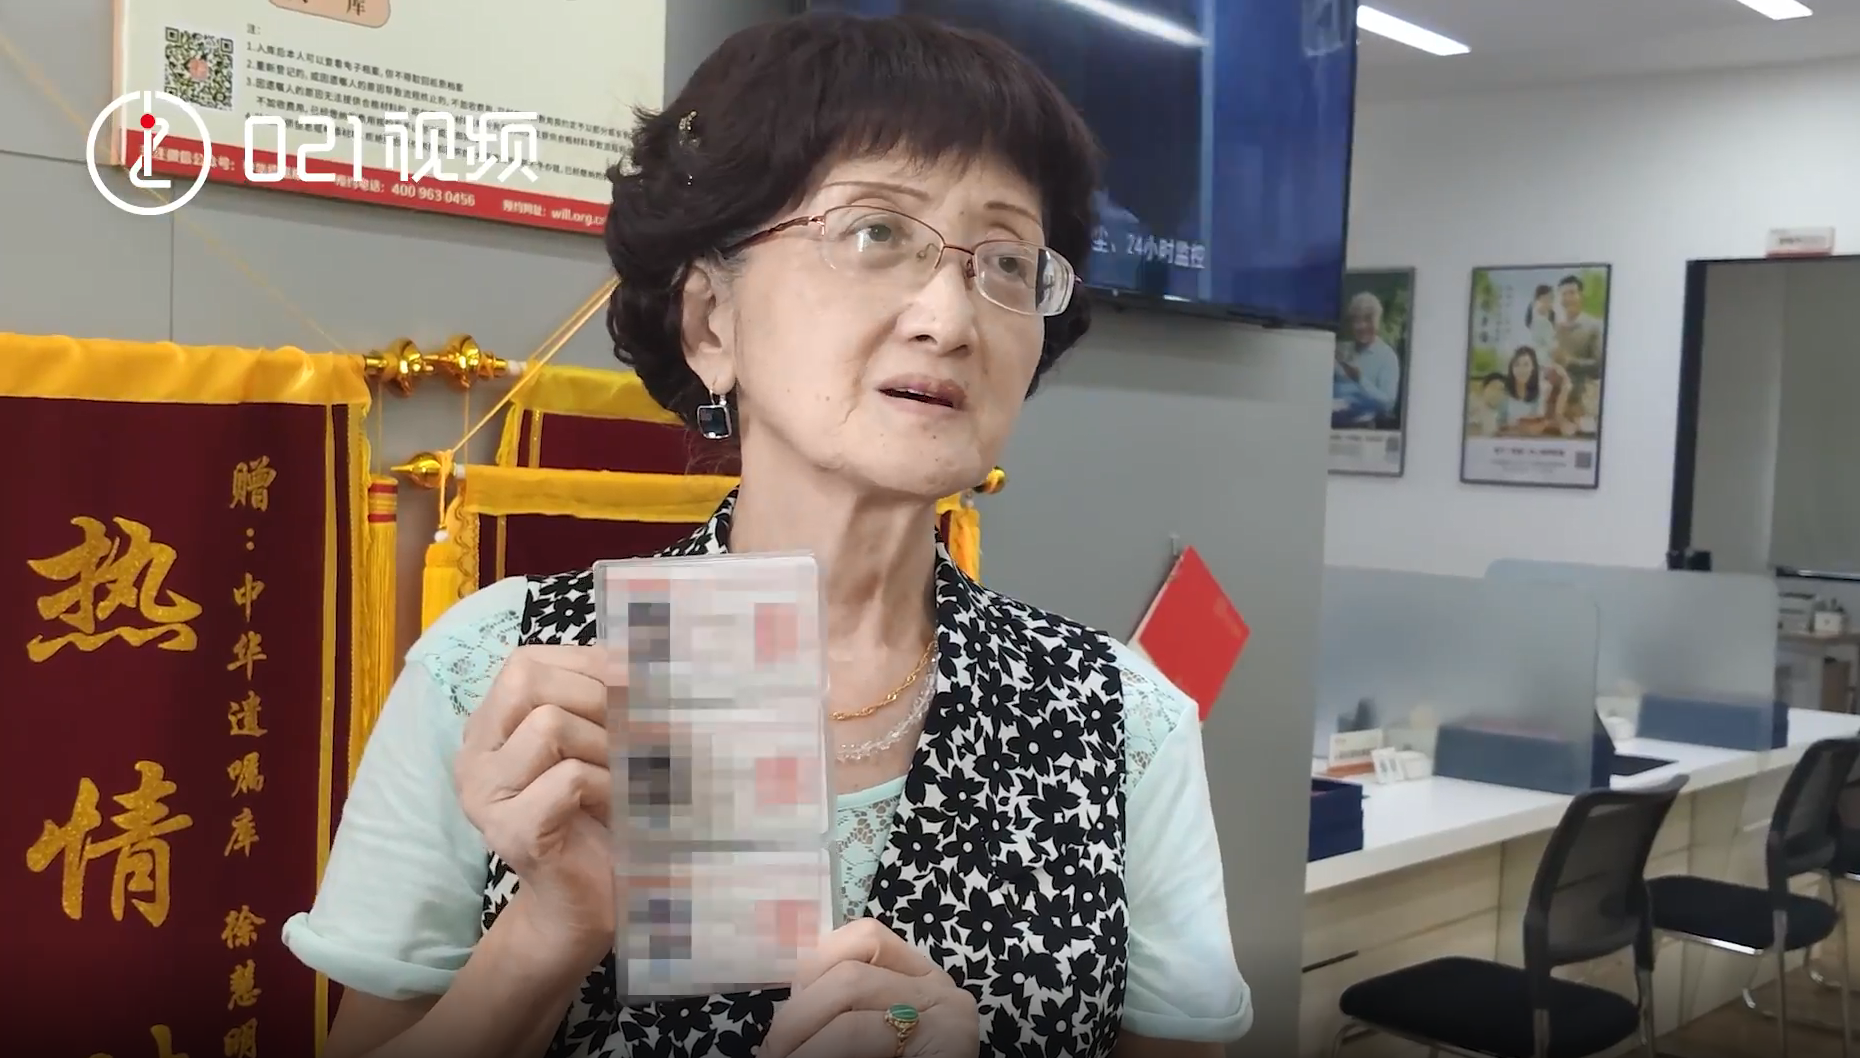 敬佩!上海一对母女共立遗嘱,捐出千万房产!